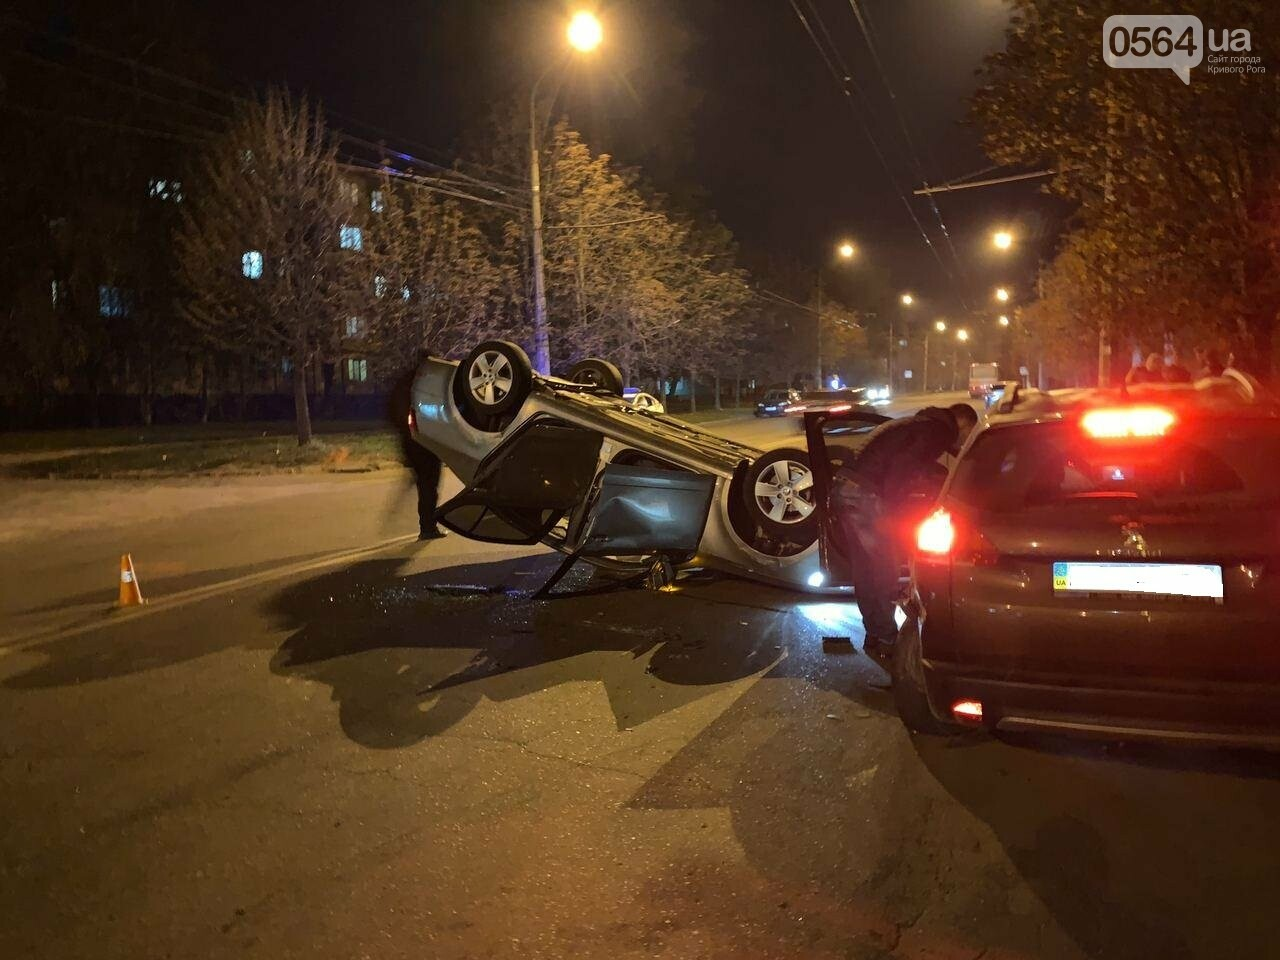 """В Кривом Роге """"Skoda"""" влетела в припаркованный автомобиль """"Peugeot"""" и перевернулась на крышу, - ФОТО, ИСПРАВЛЕНО, фото-5"""